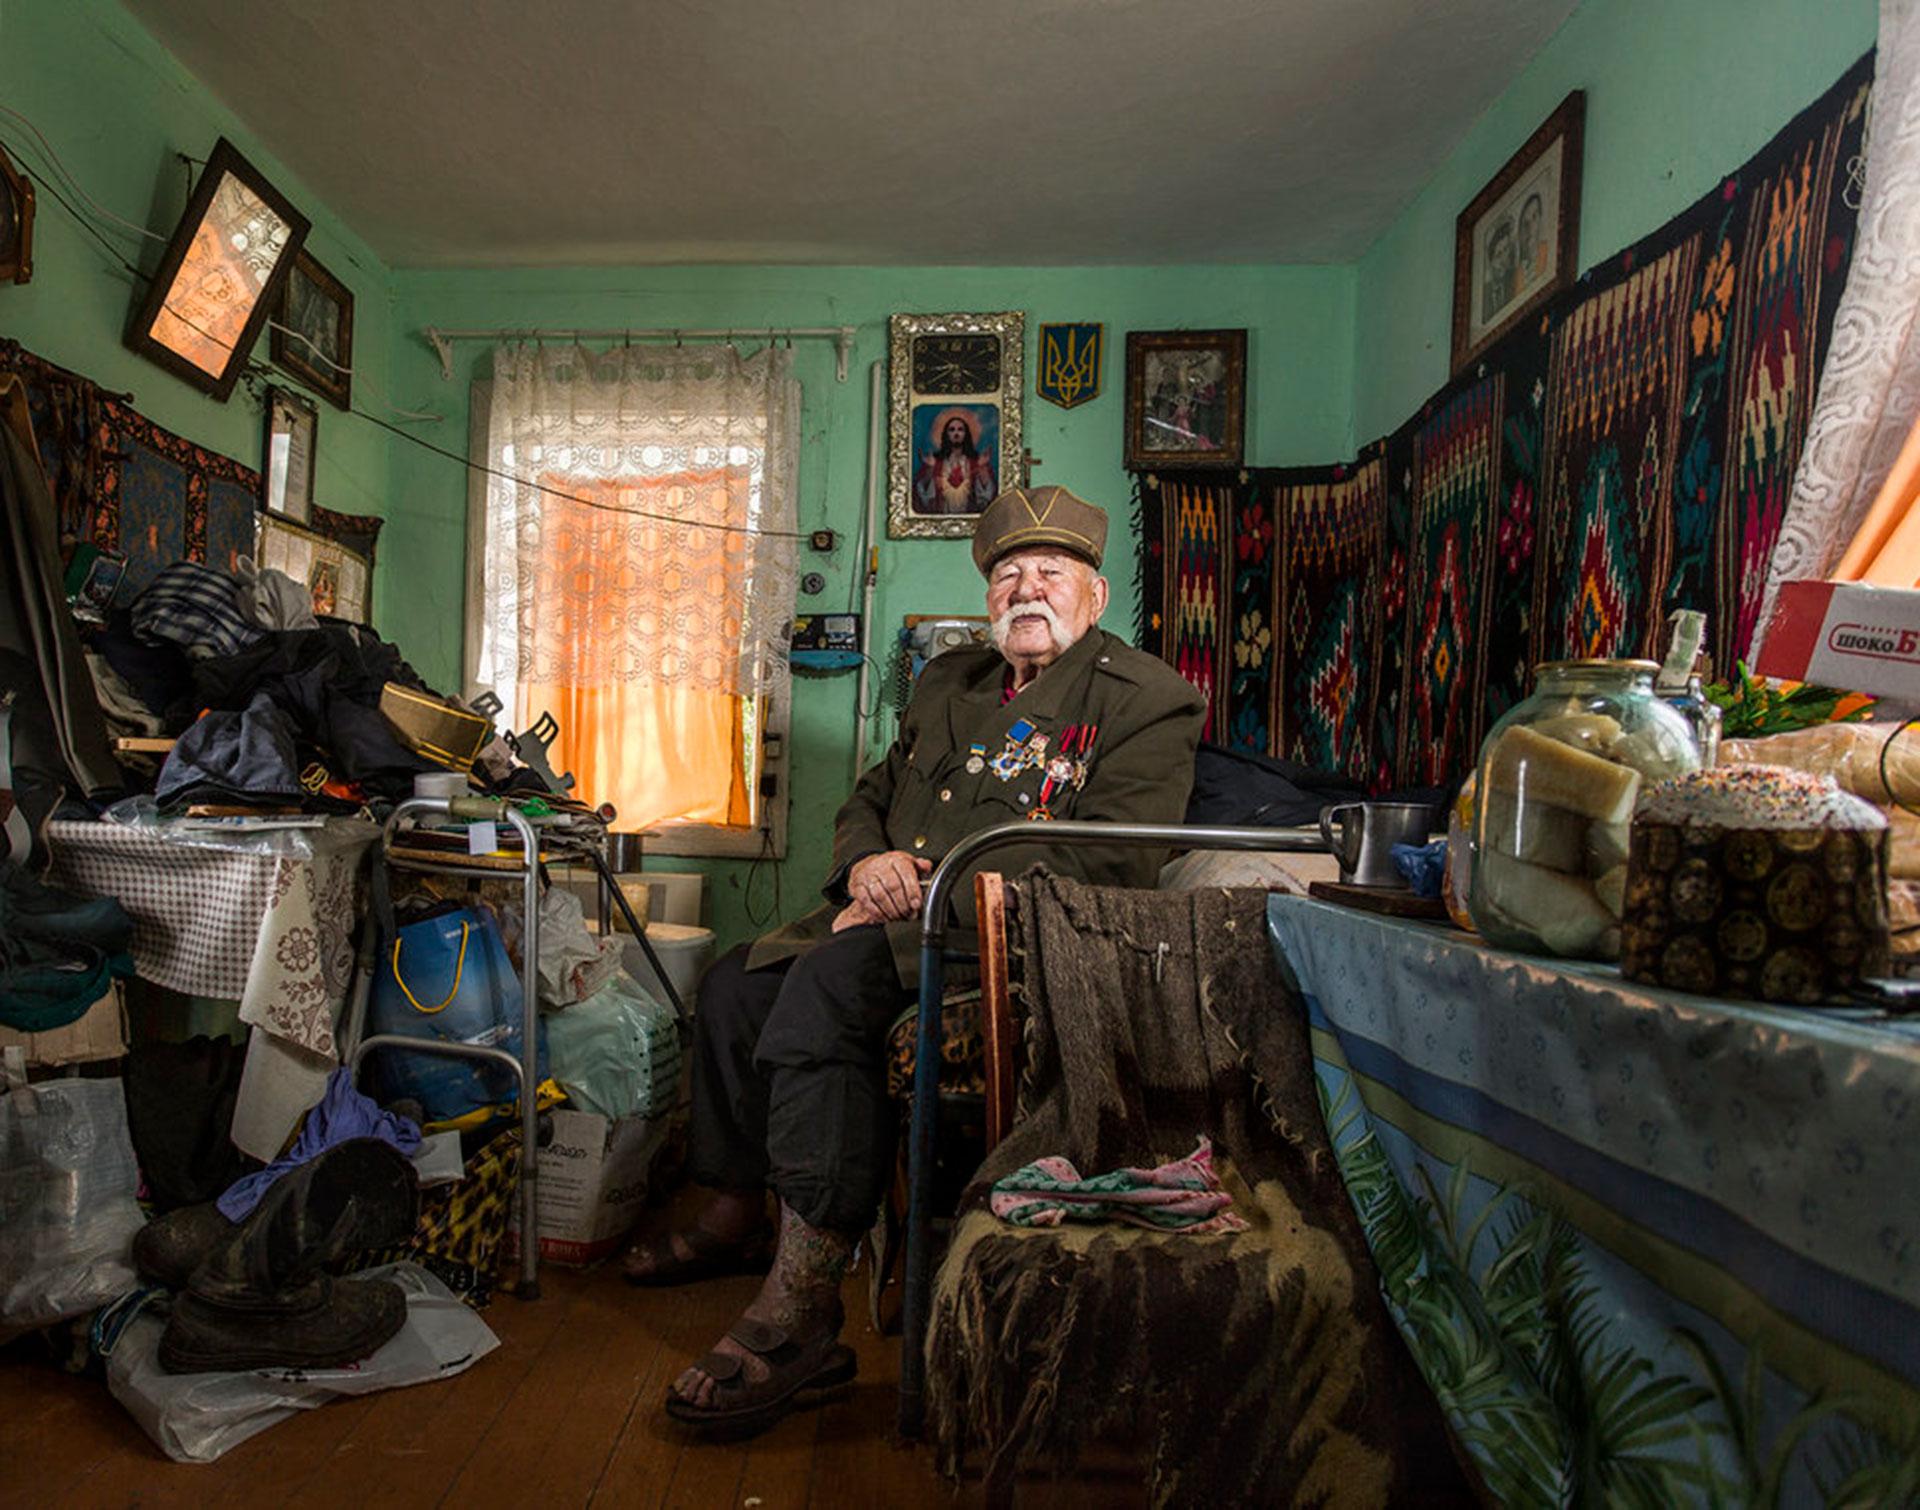 """Competencia """"Profesional"""" – Categoría """"Retratos"""":""""Veteranos"""" es una serie de retratos de personas que participaron en la Segunda Guerra Mundial. (Gentileza Sony World Photography Awards)"""